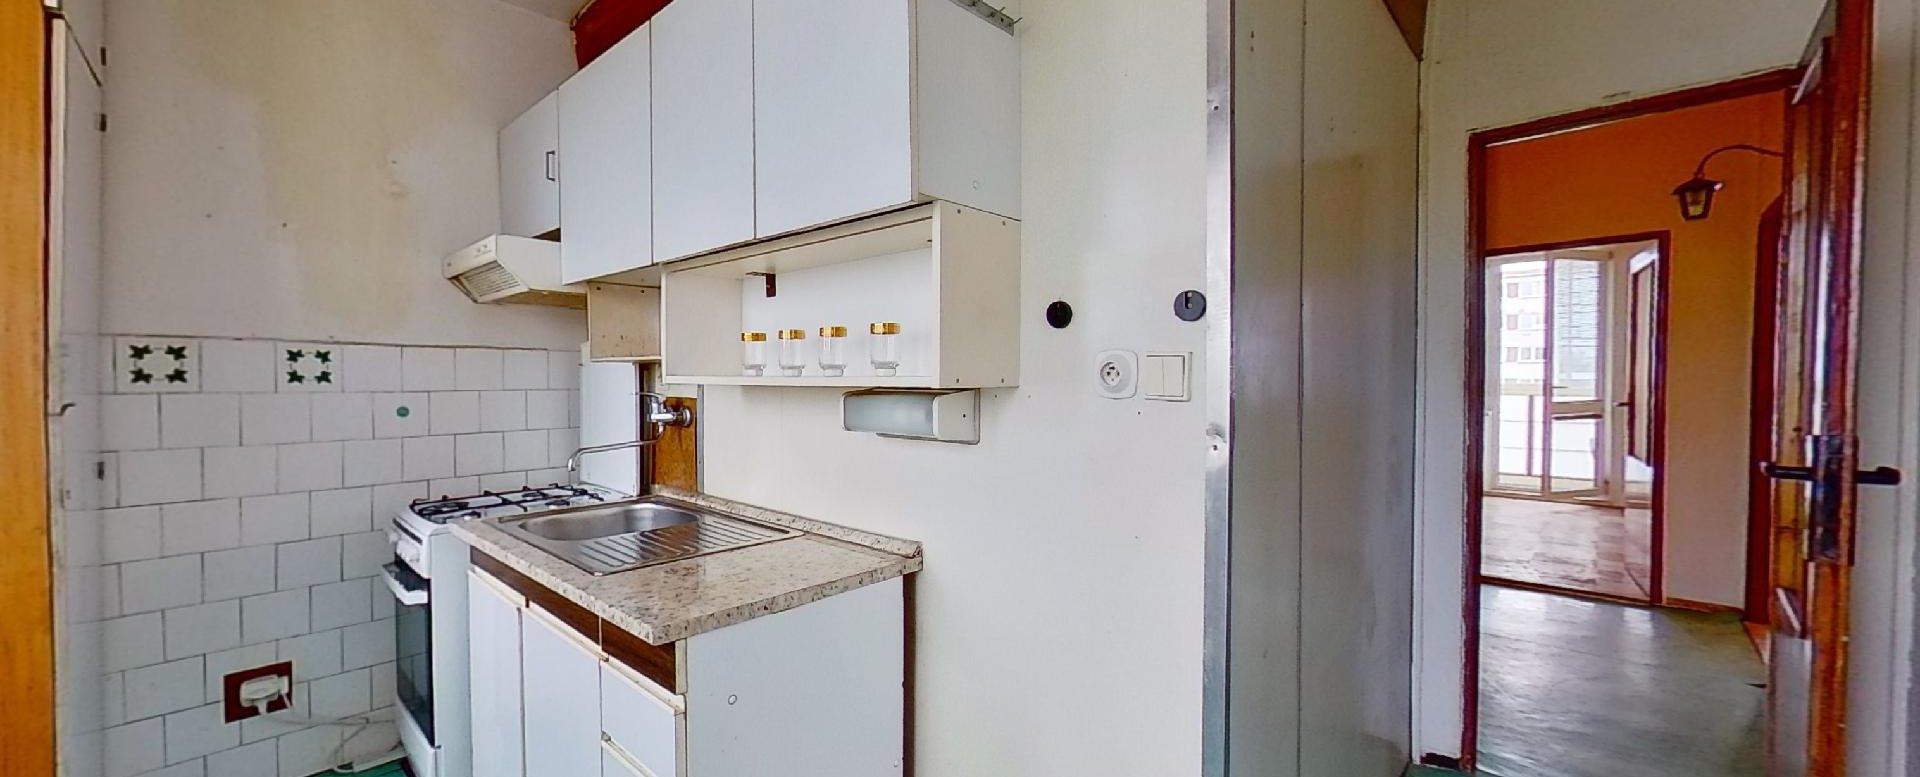 Kuchyňa 3-izbového bytu v pôdovnom stave na Pražskej ulici v Košiciach